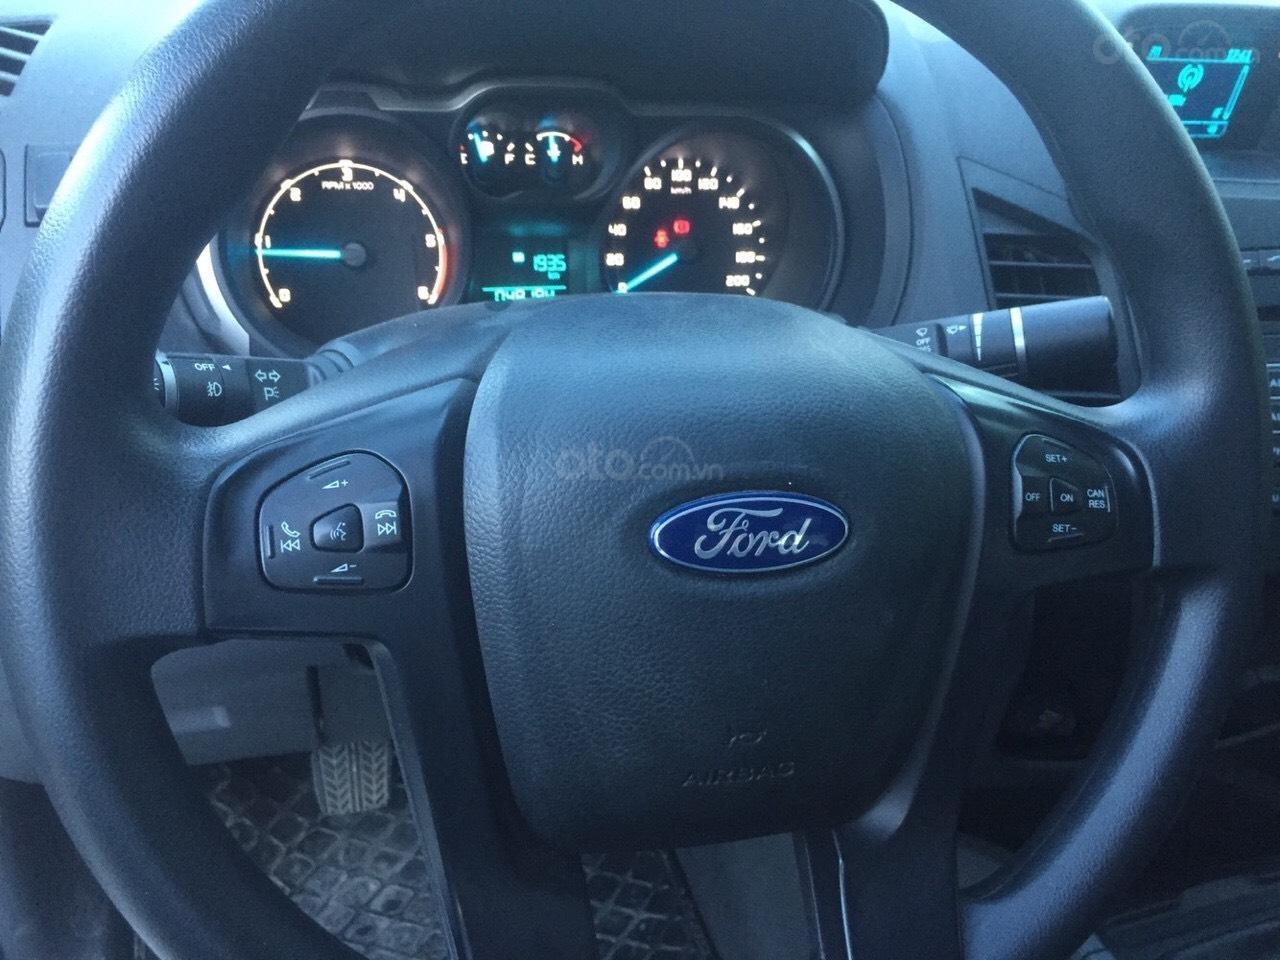 Ranger XLS số sàn, xe chất đời 2016, xe mới như hình, bán và bảo hành chính hãng Ford (4)